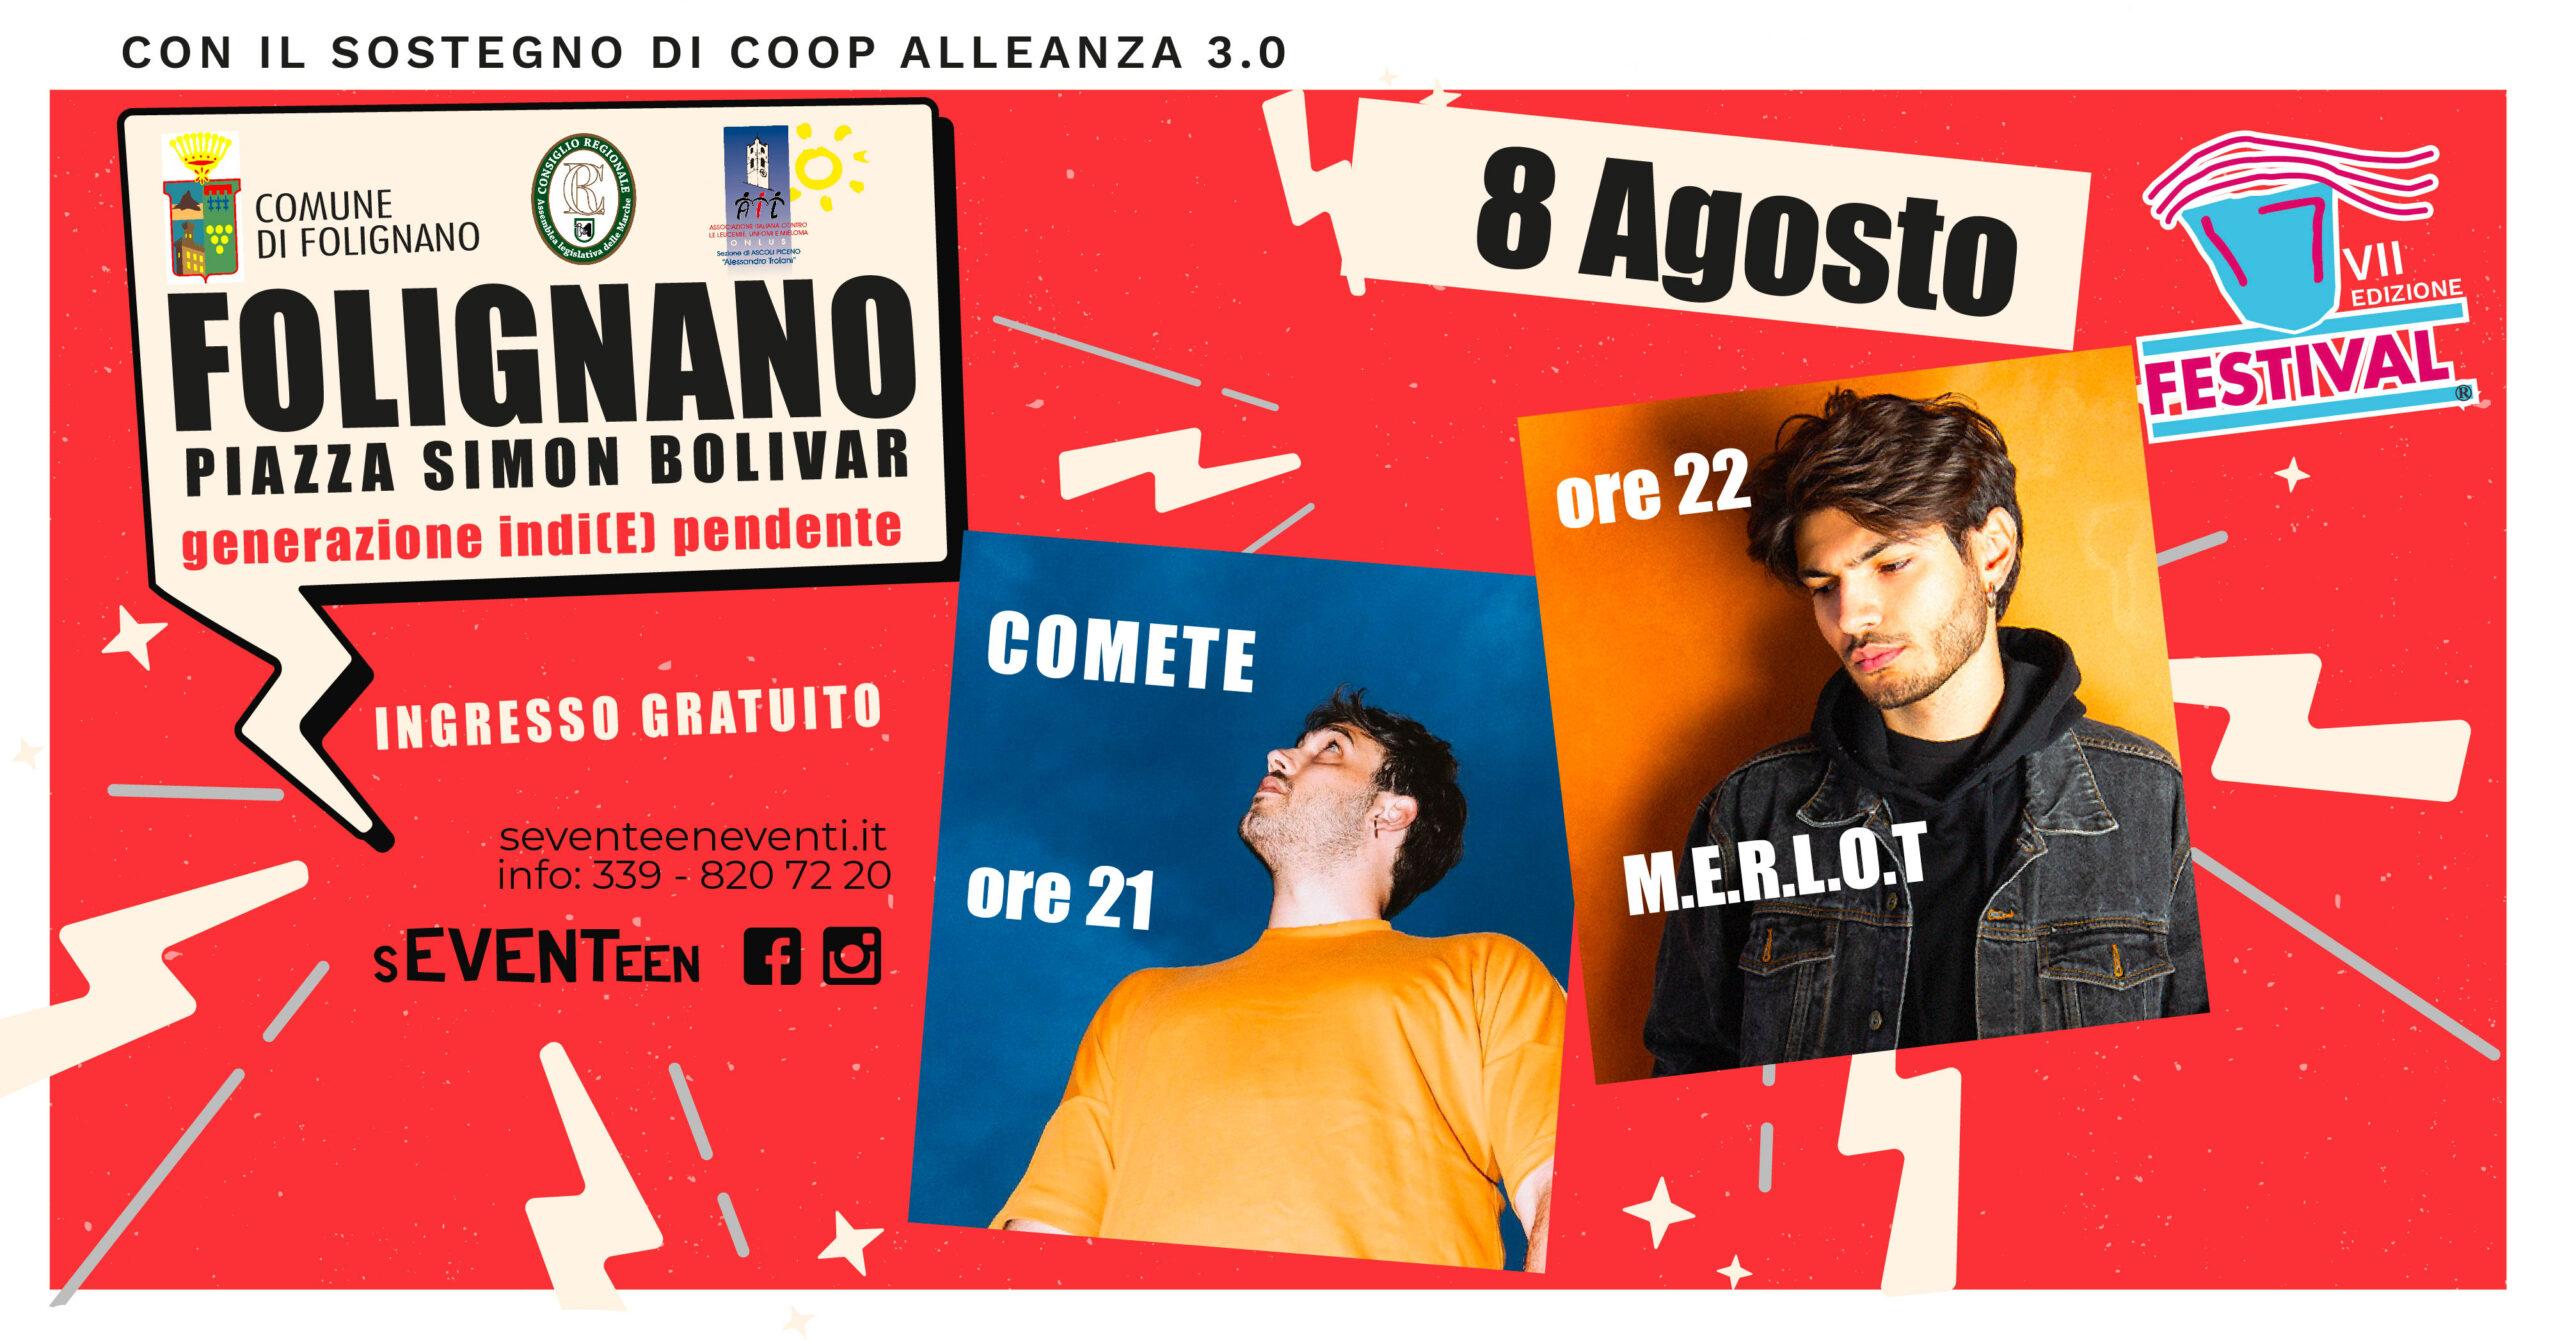 FORMATO-EVENTI-17-FESTIVAL-2021_Tavola-disegno-1-copia-6